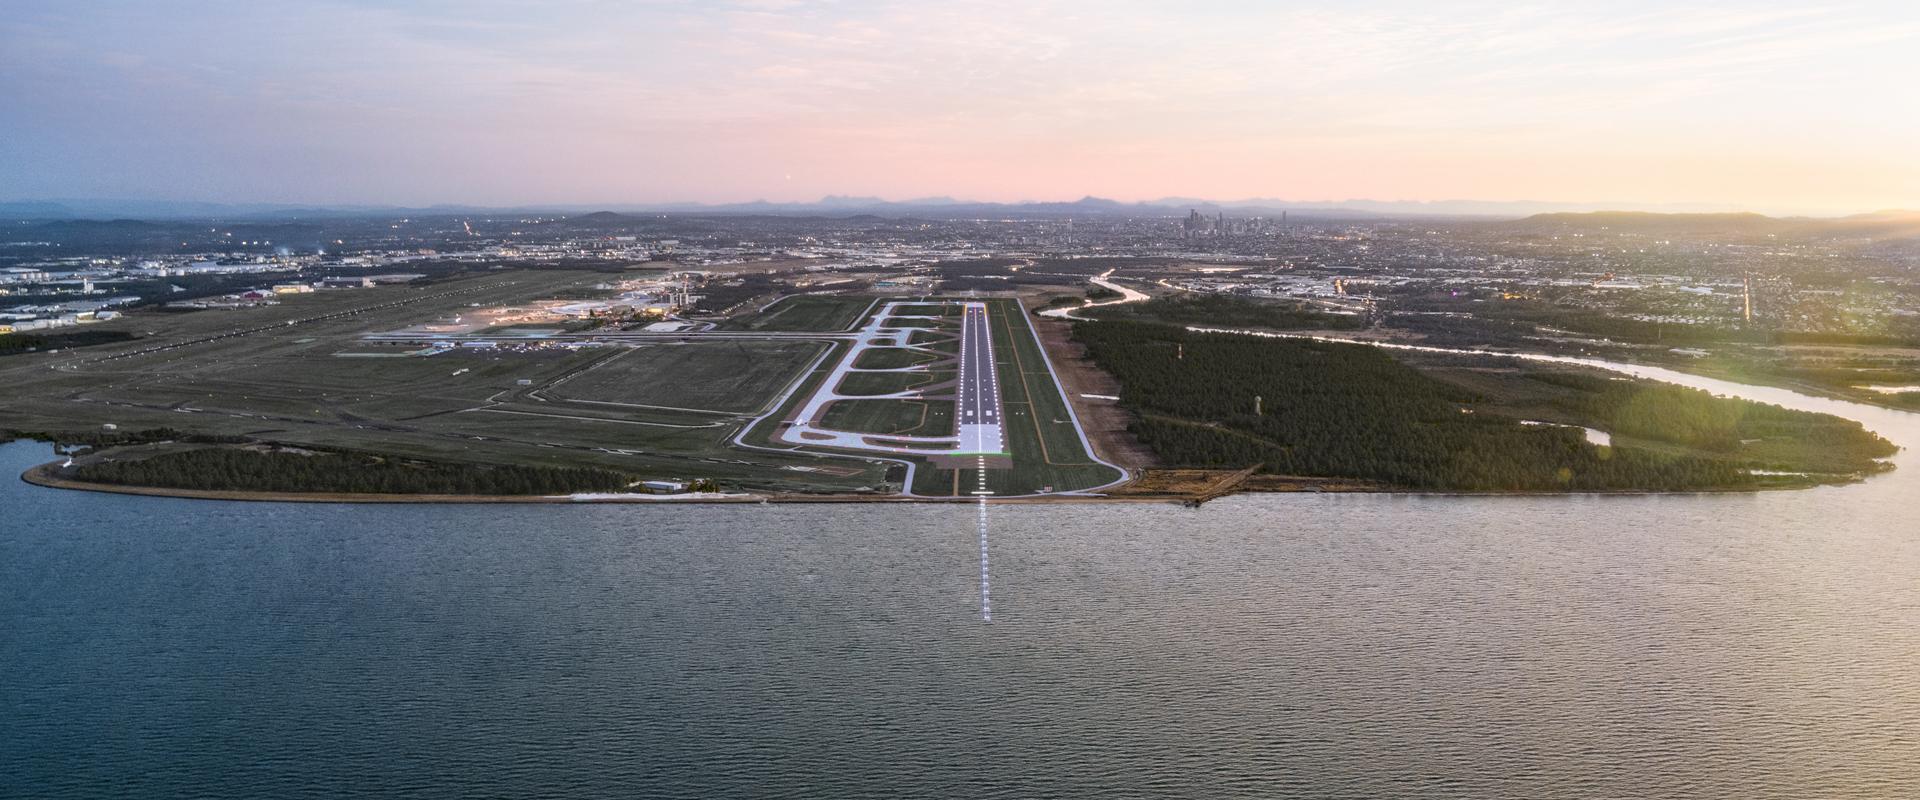 runway aerial photo